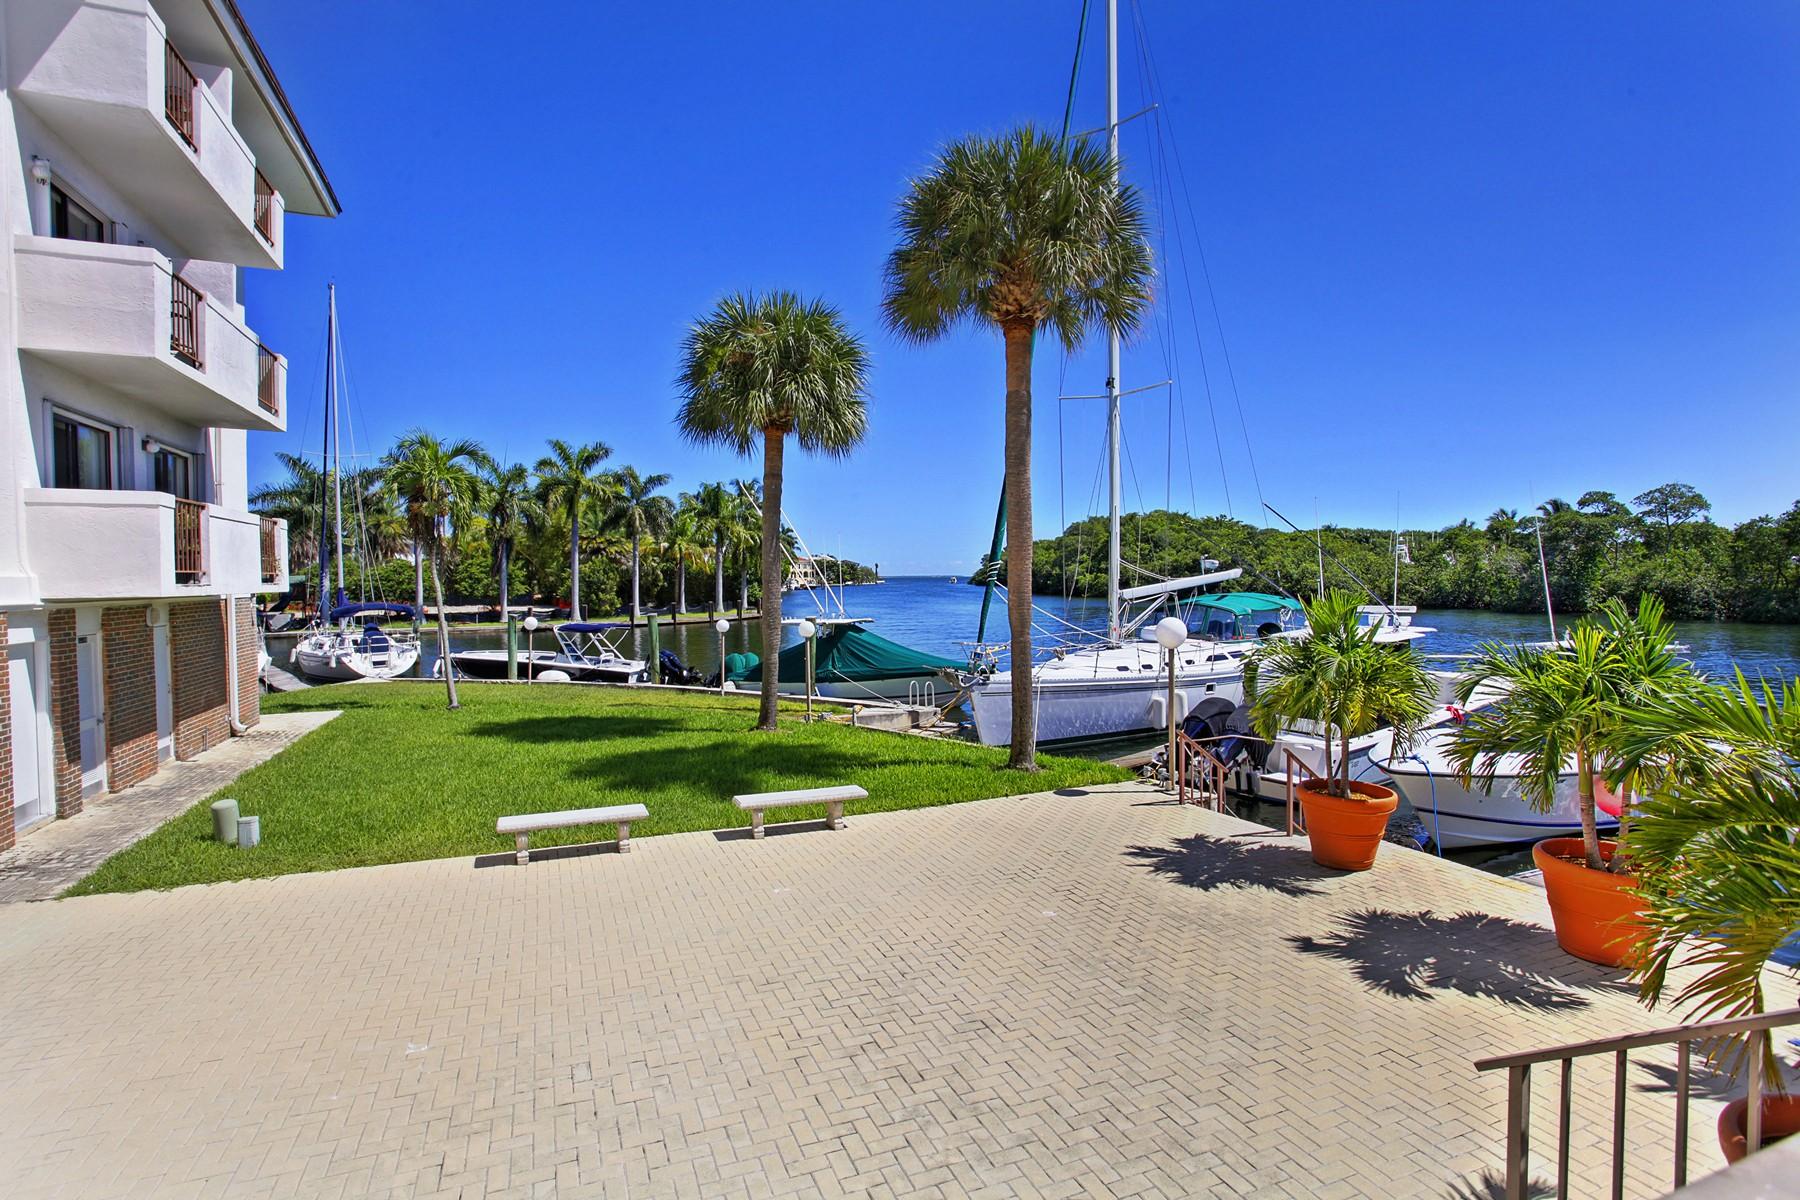 Condomínio para Venda às Gables Harbour 6901 Edgewater Dr #211 Coral Gables, Florida 33133 Estados Unidos